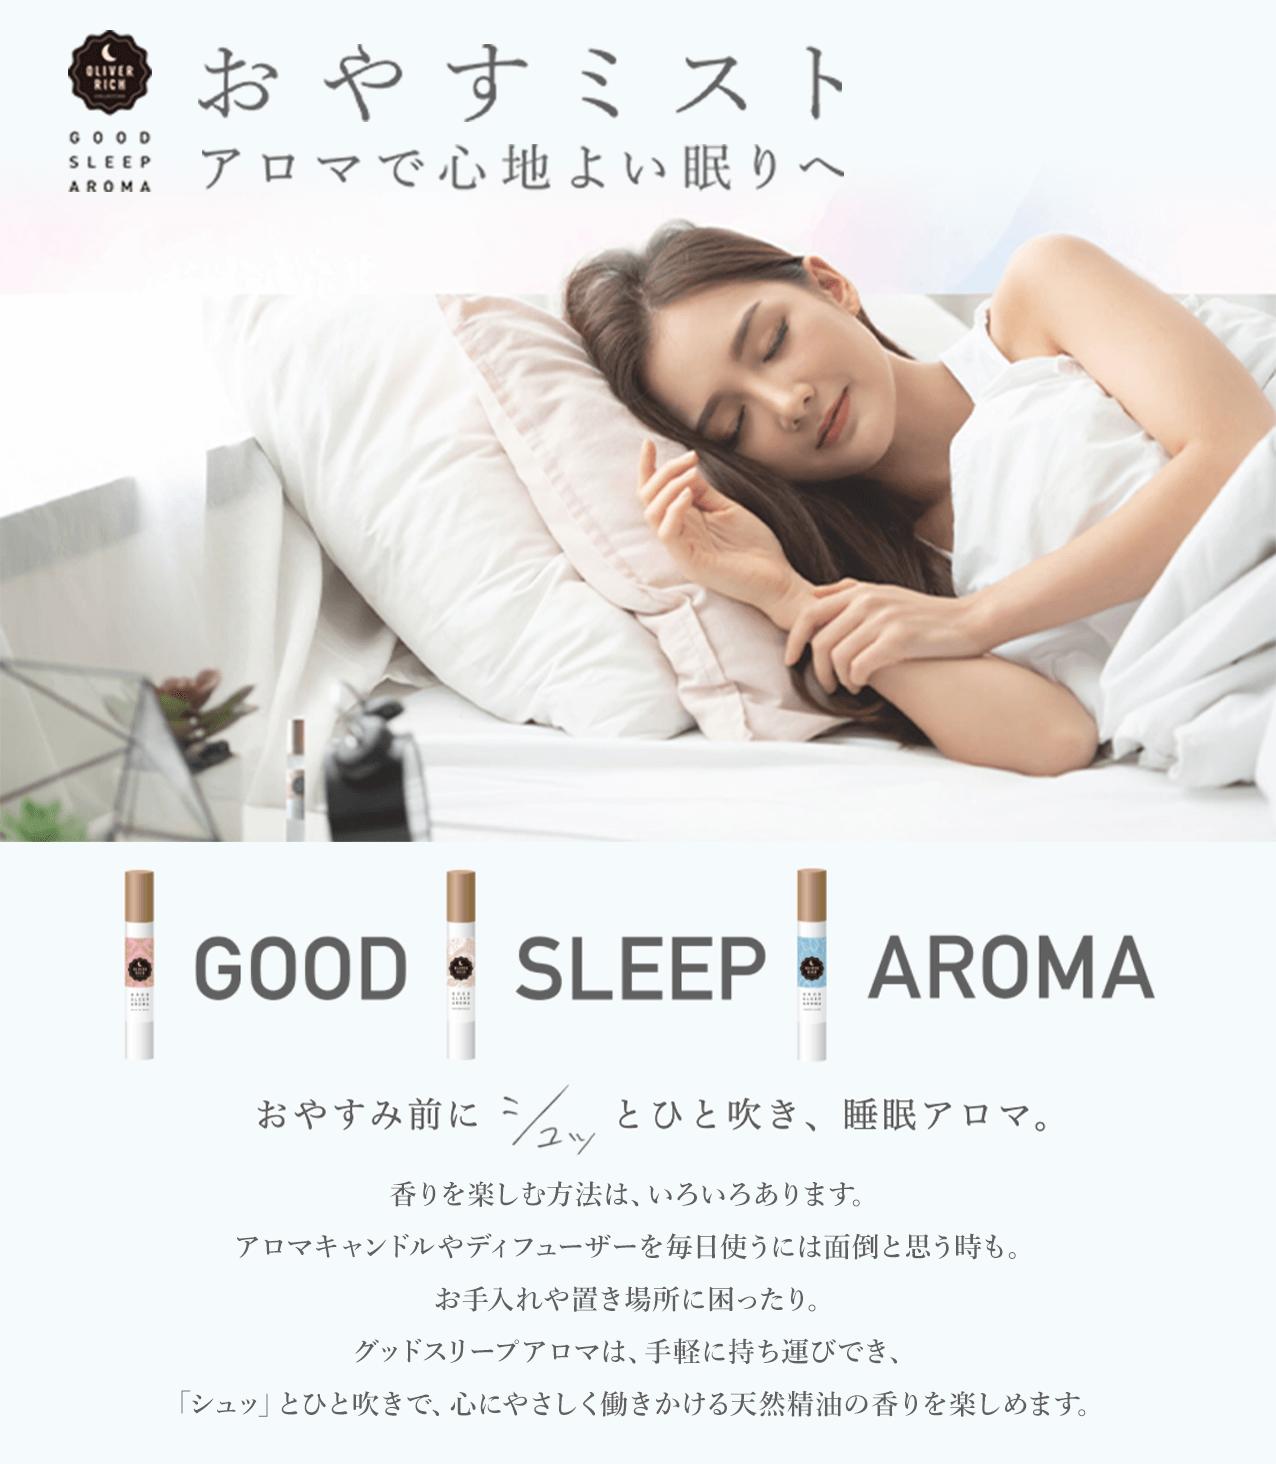 おやすミスト  アロマで心地よい眠りへ  グッドスリープアロマ